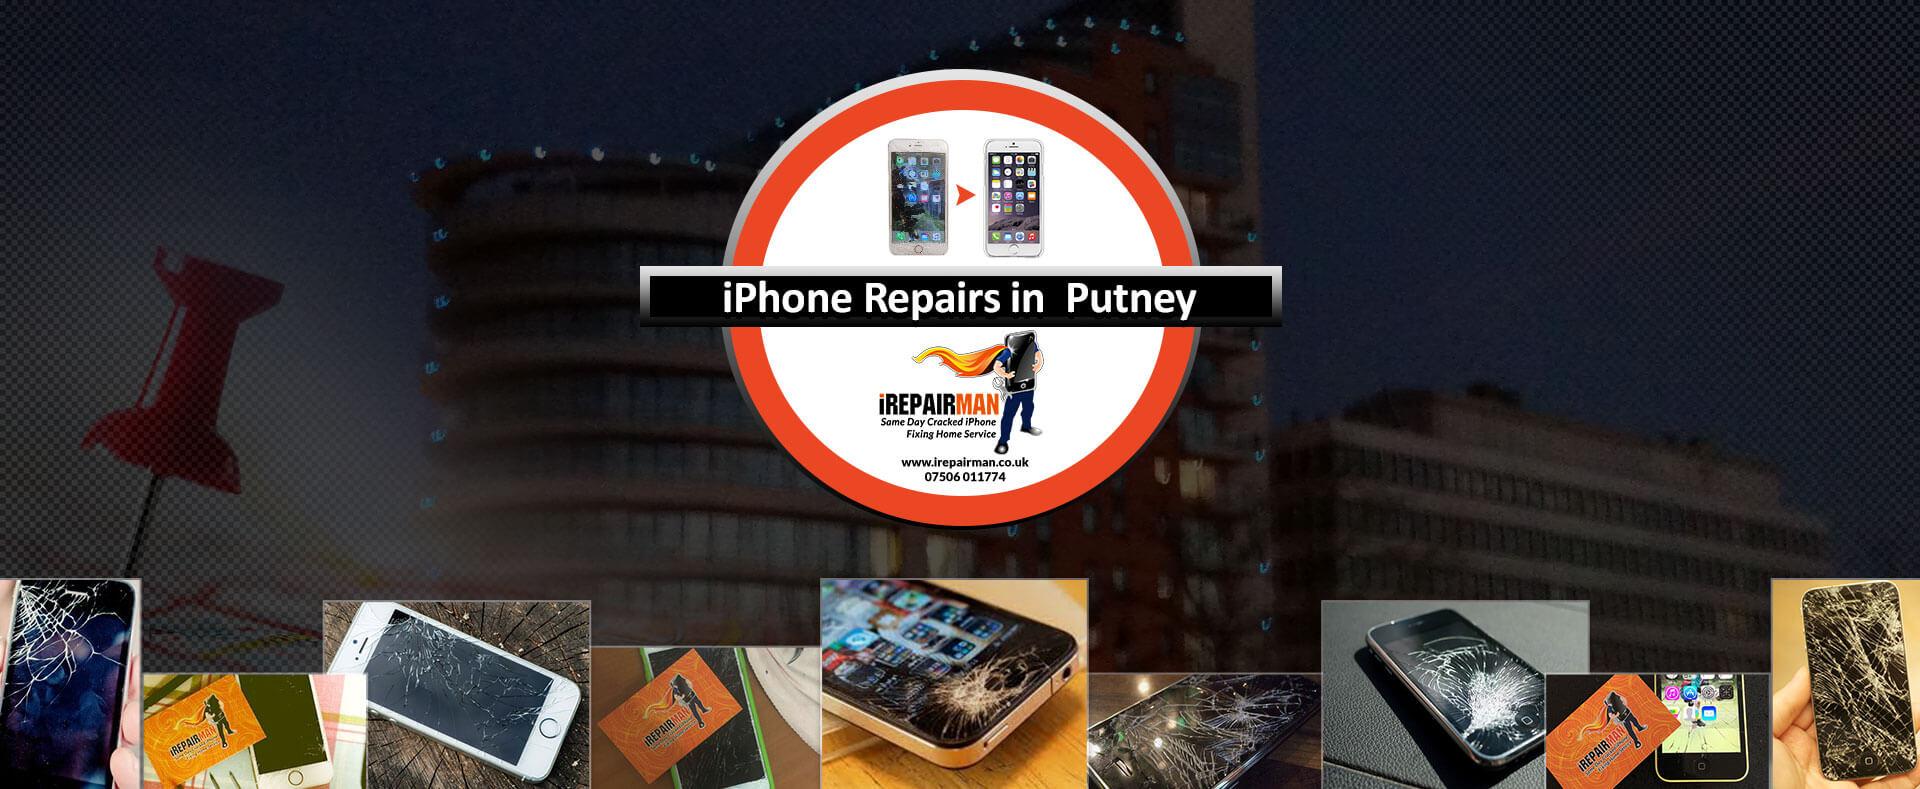 iPhone Repairs in Putney